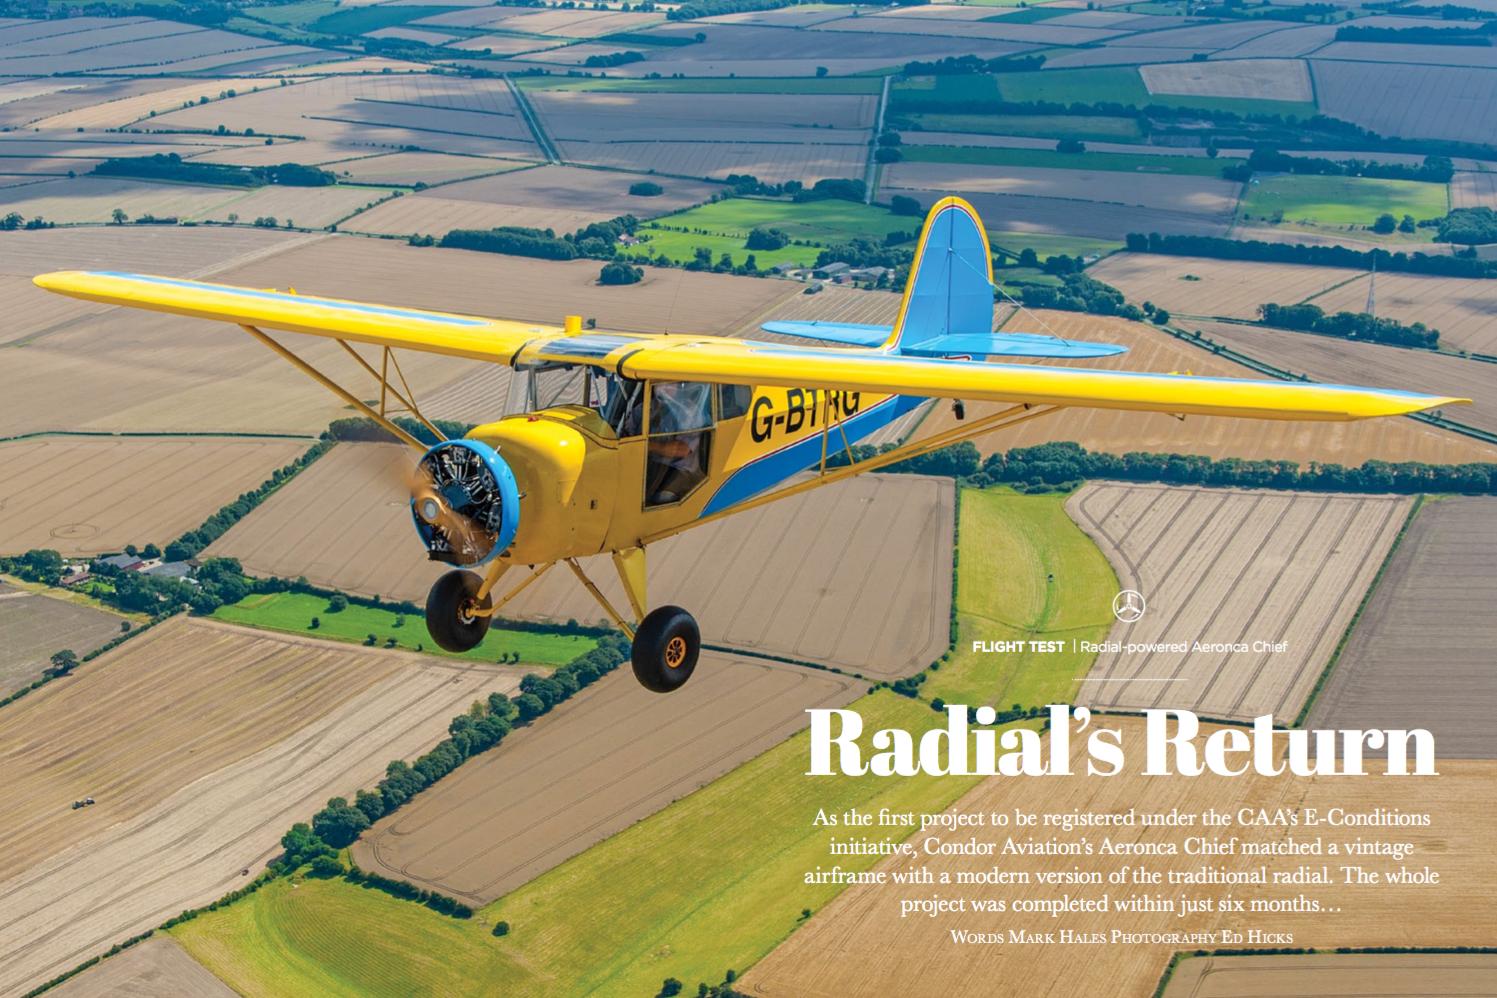 Radial's Return – Condor Aviation